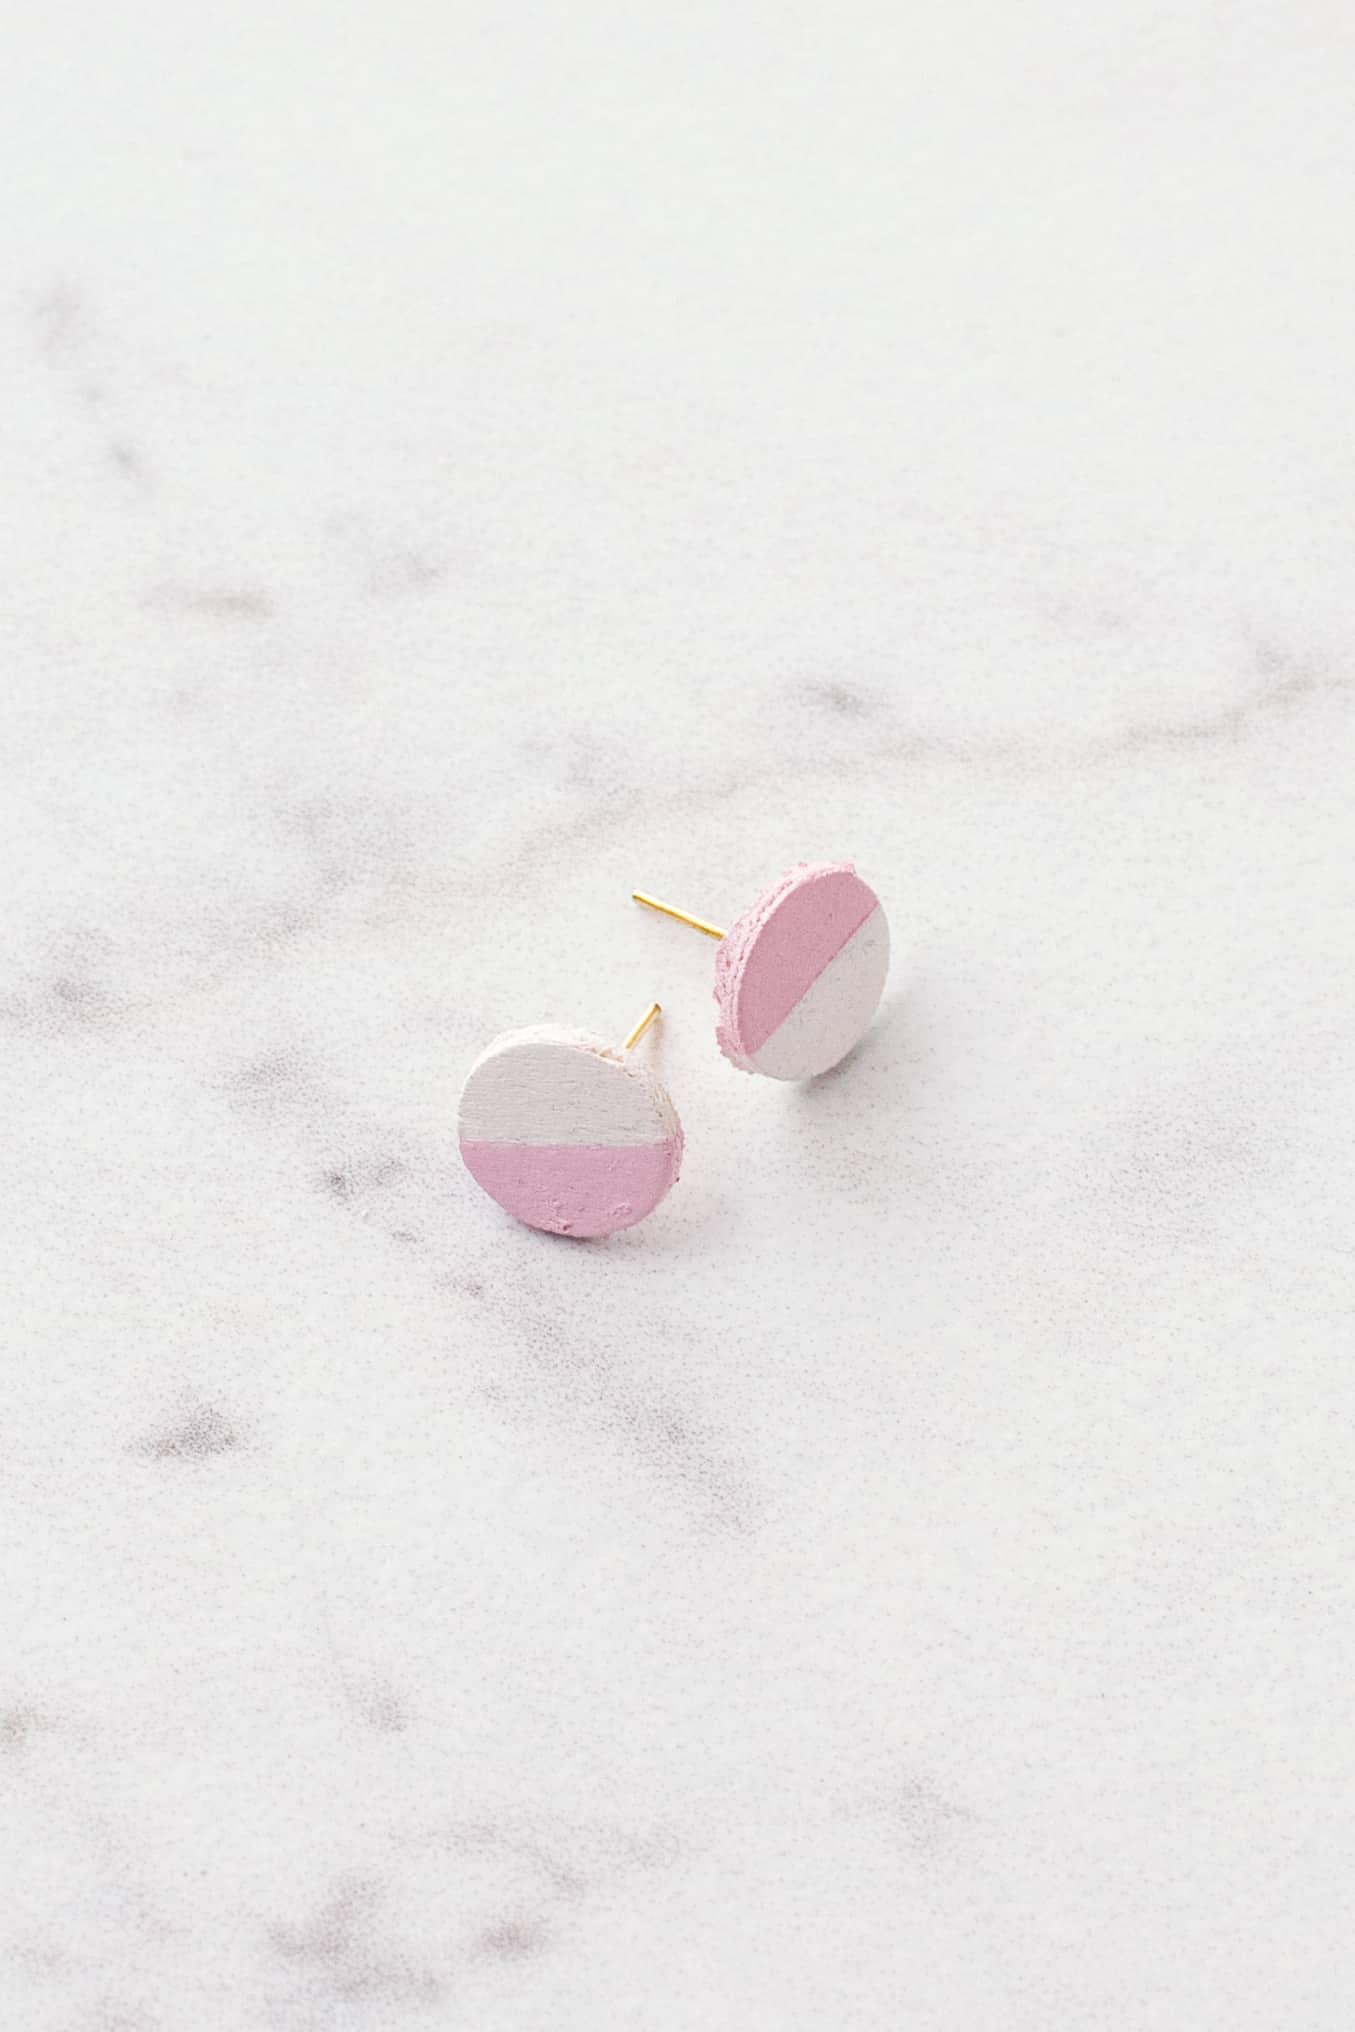 DIY wooden circle earrings